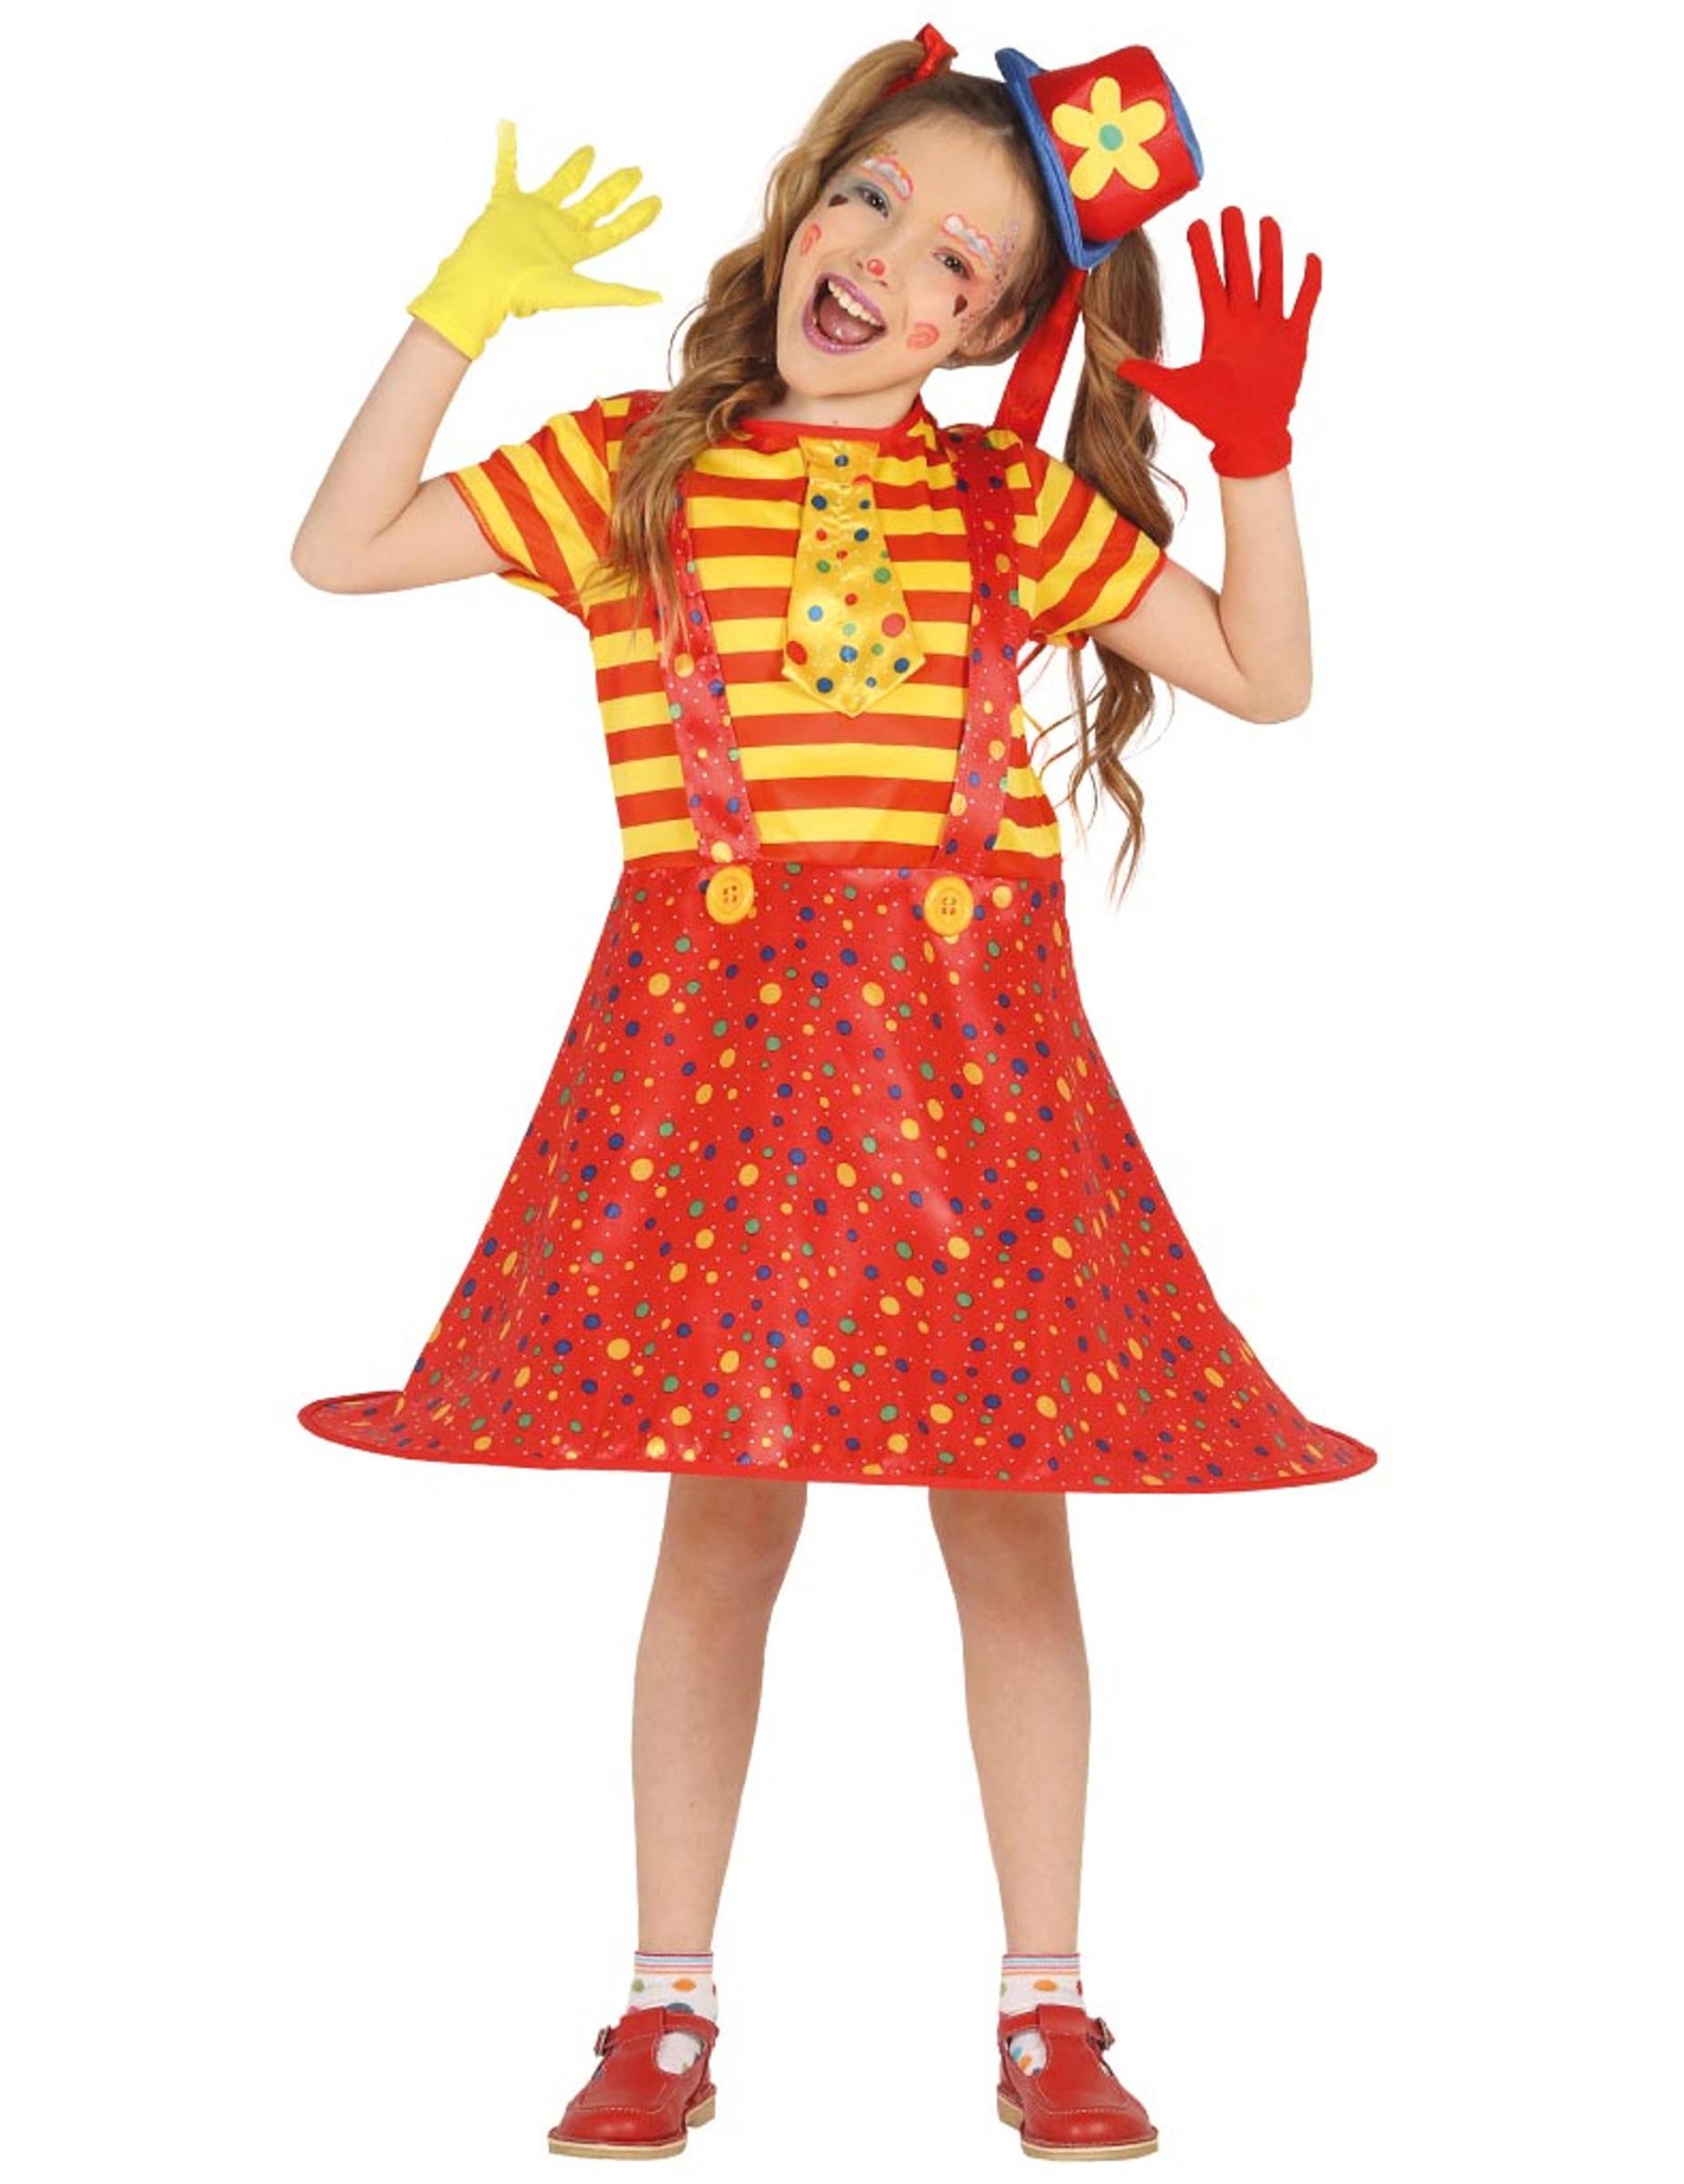 Clown Kostum Fur Madchen Faschingskostum Rot Gelb Gunstige